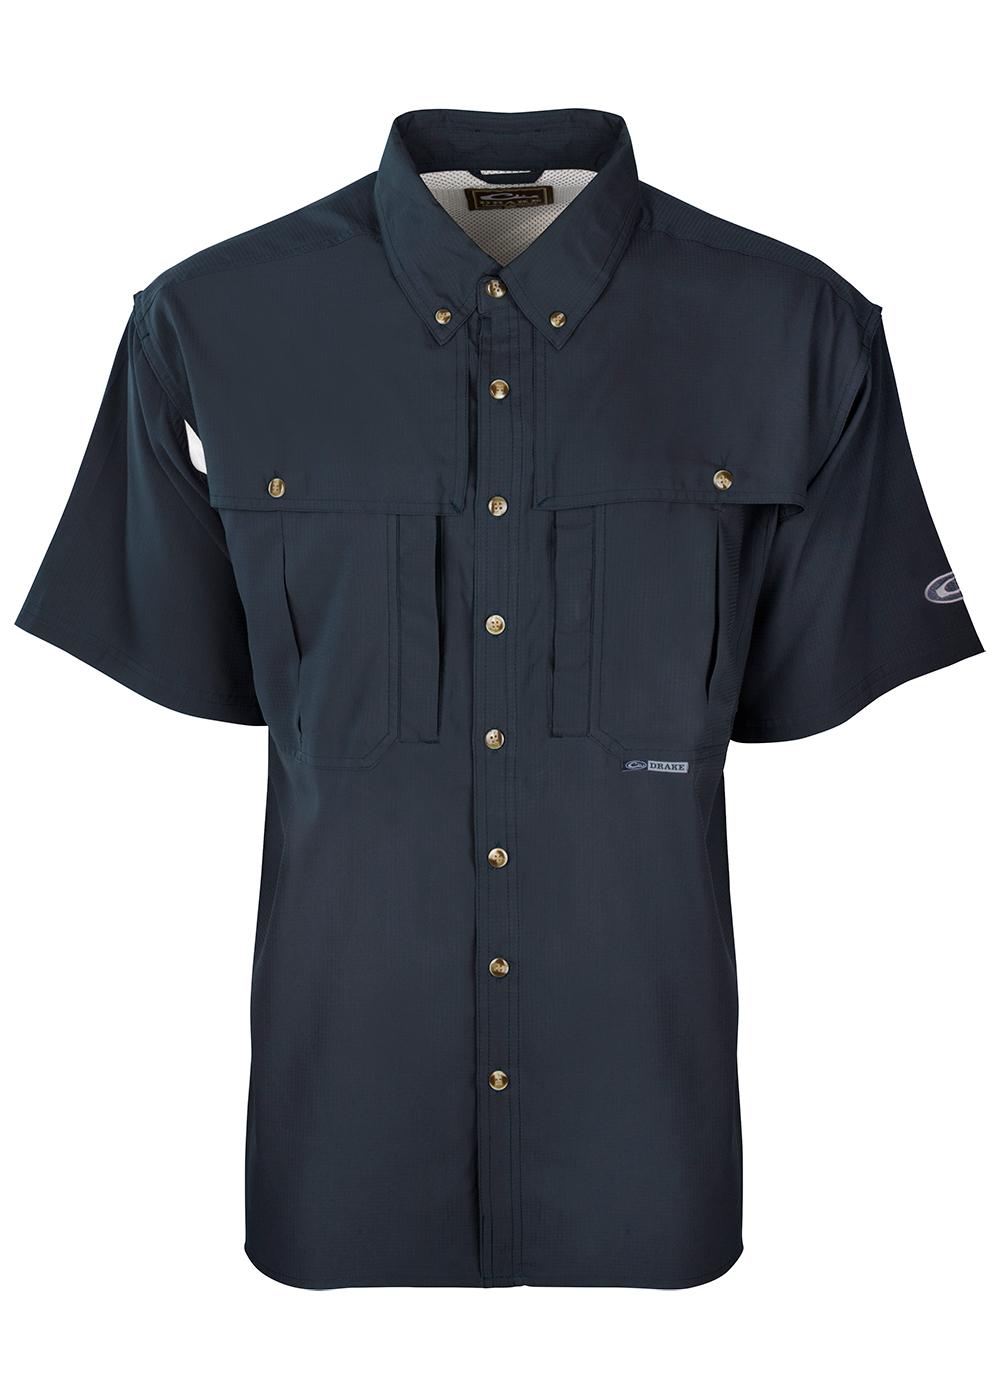 Drake-Flyweight-Wingshooters-Shirt-Navy-SS